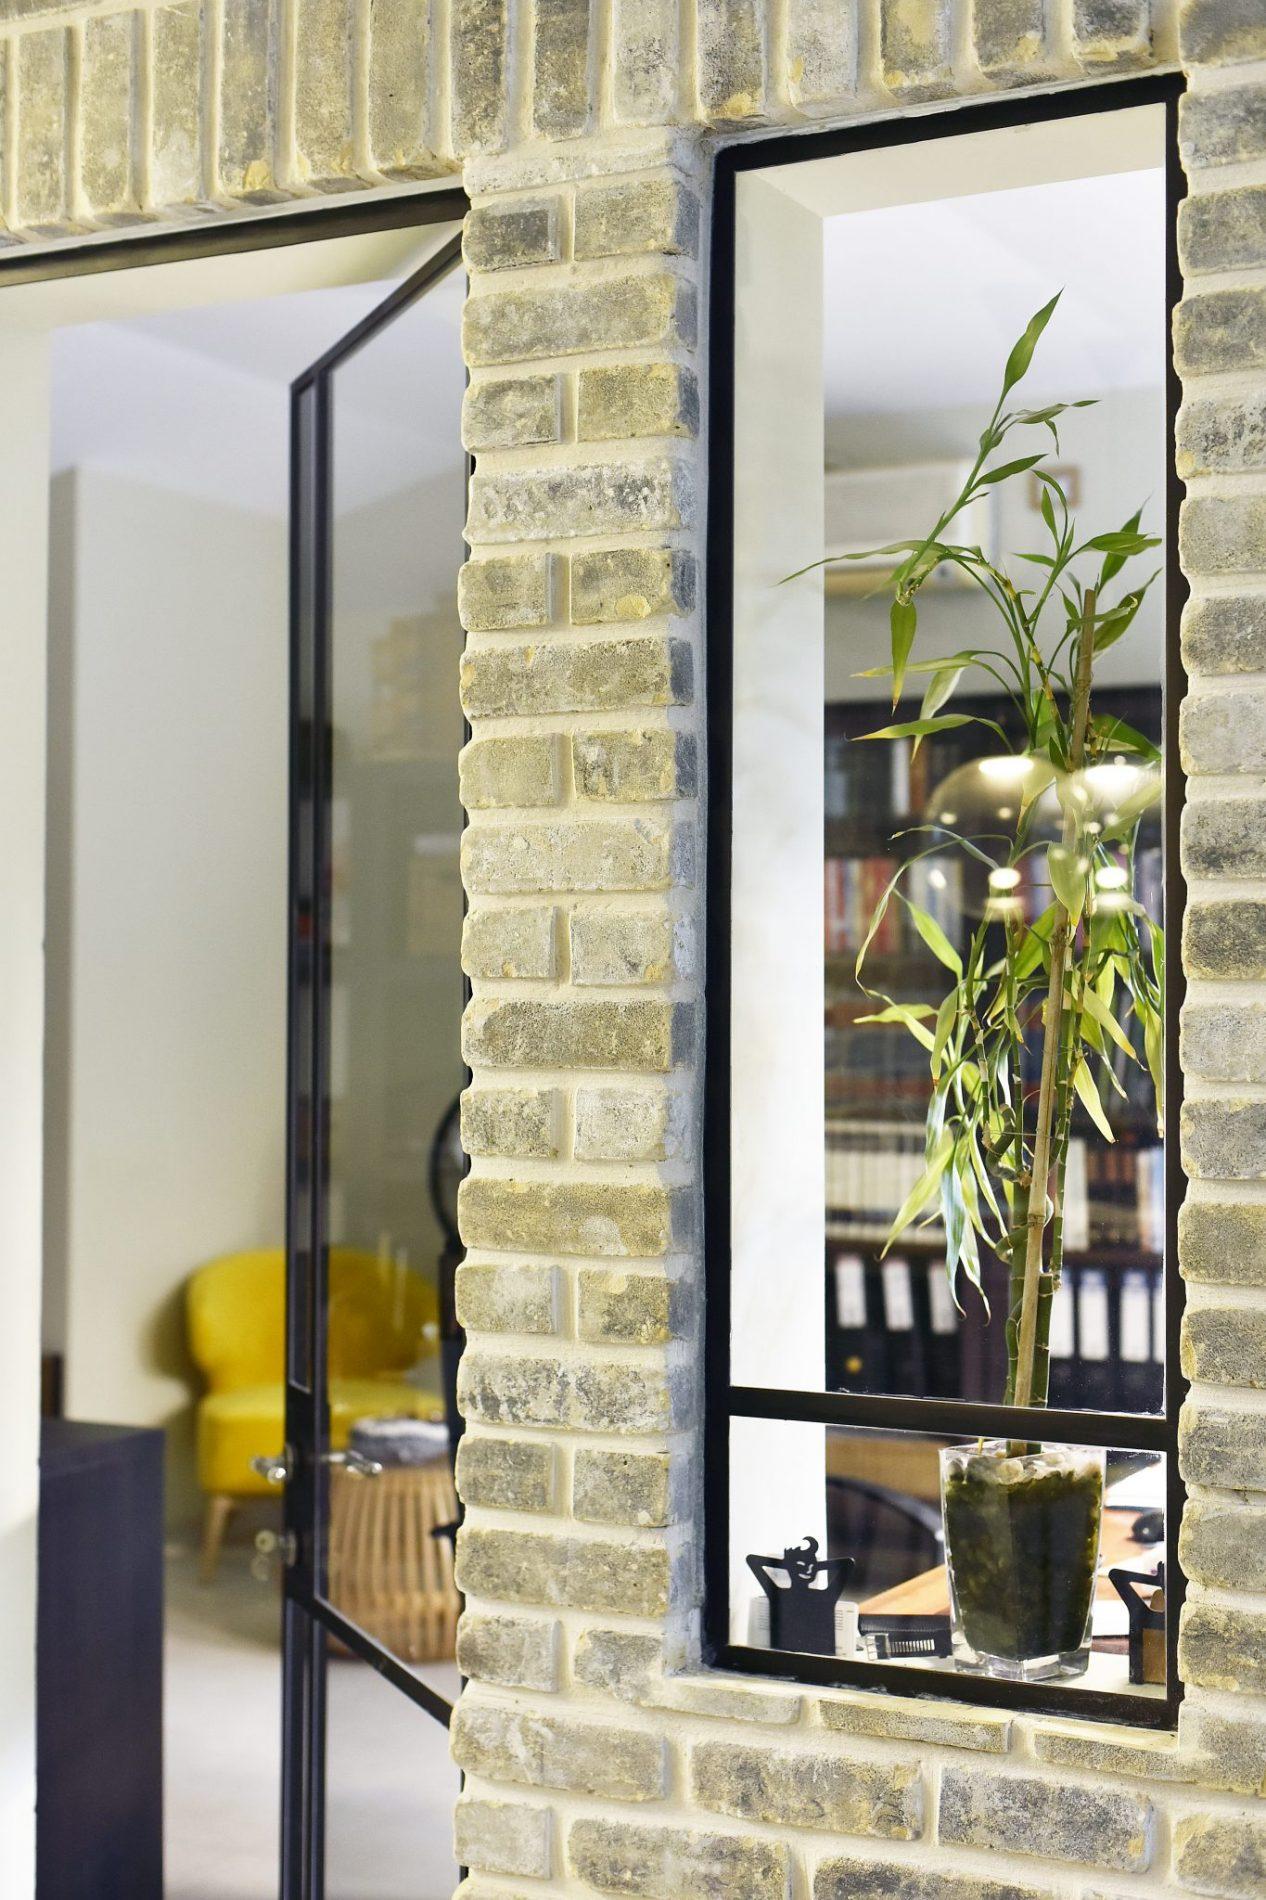 חלון ודלת פרופיל בלגי בין חדר העבודה לסלון ולמטבח. – פרוייקט ארטפרו באור יהודה